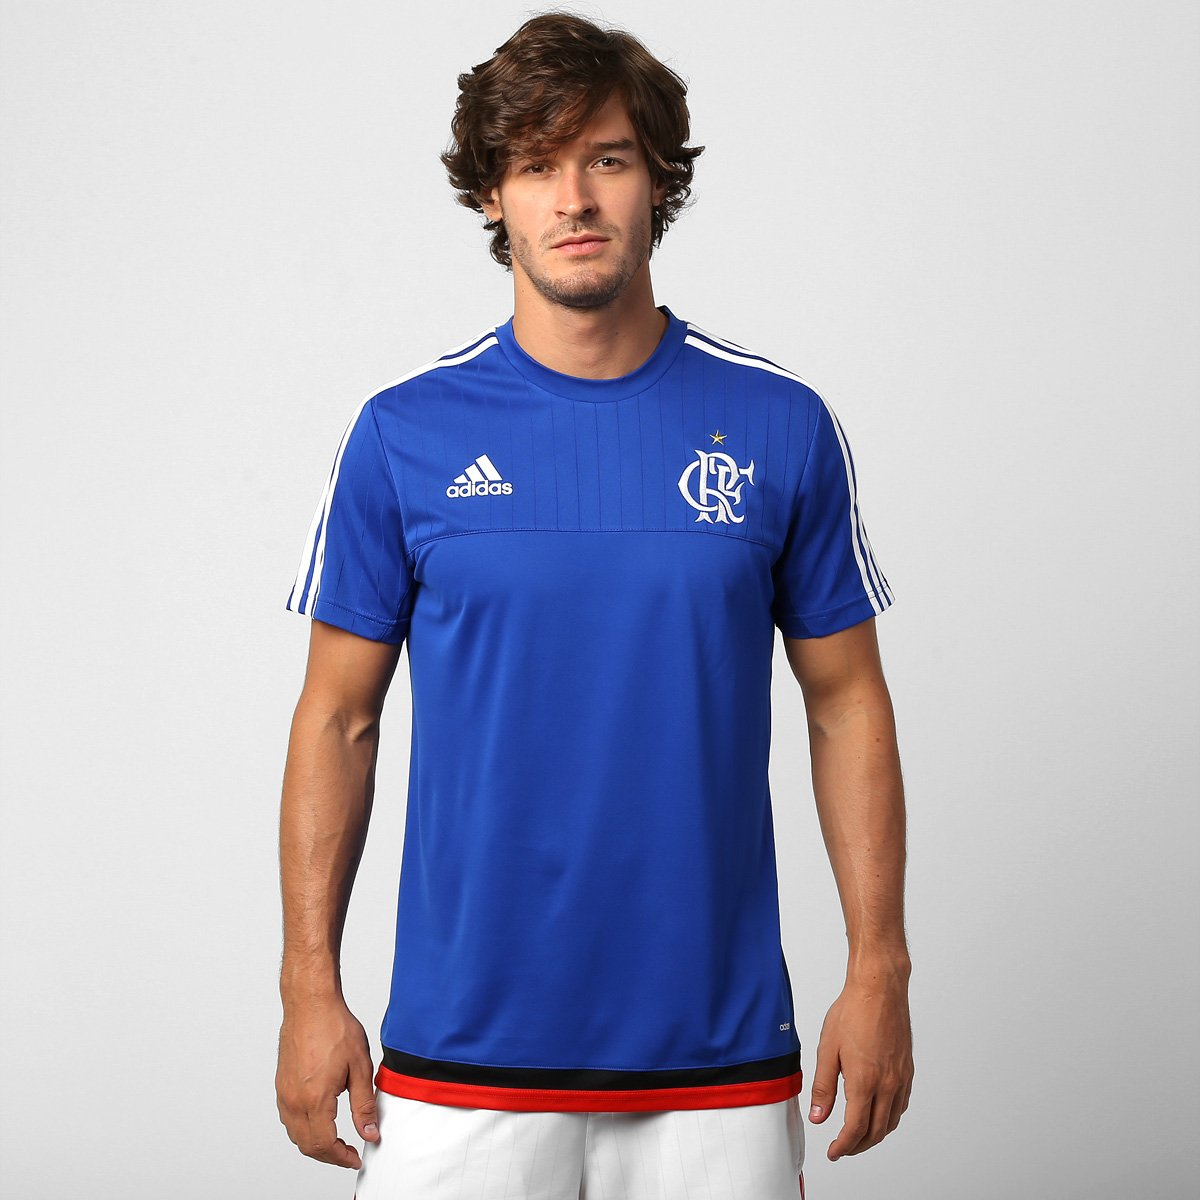 Camisa Adidas Flamengo Treino 2015 - Compre Agora  944d60e4ce0